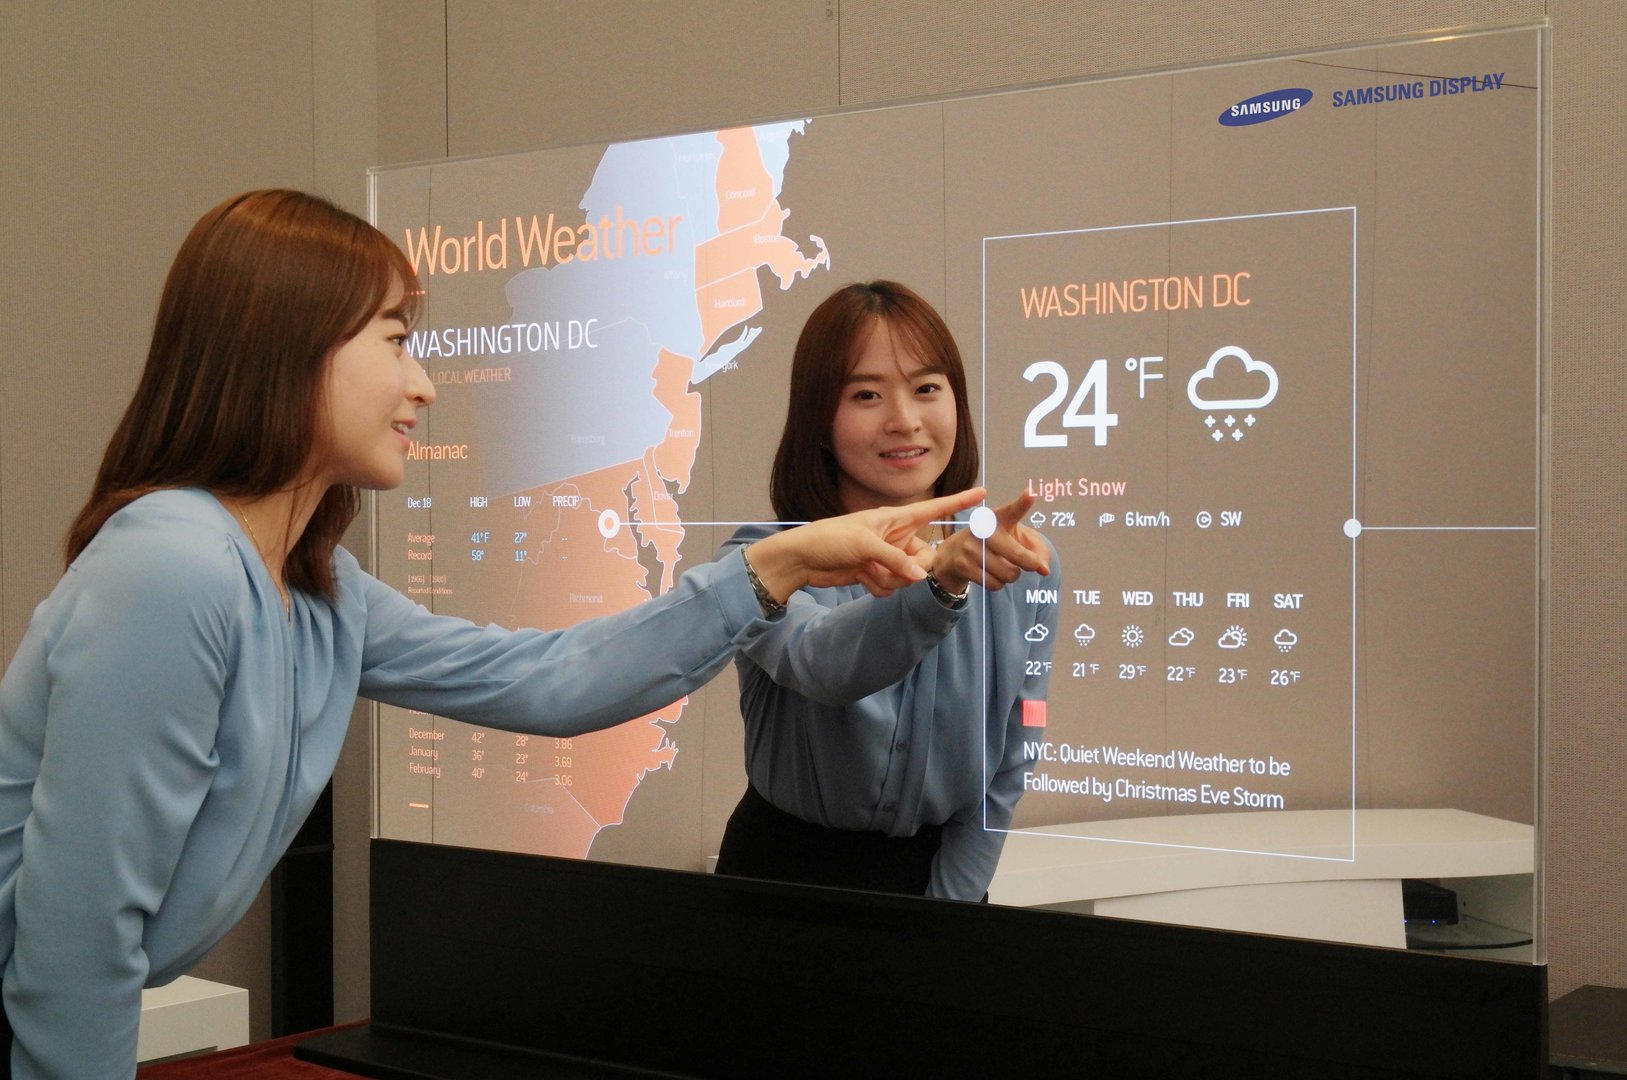 Spiegel Tv Samsung : Oled samsung zeigt spiegelu panel und transparentes display